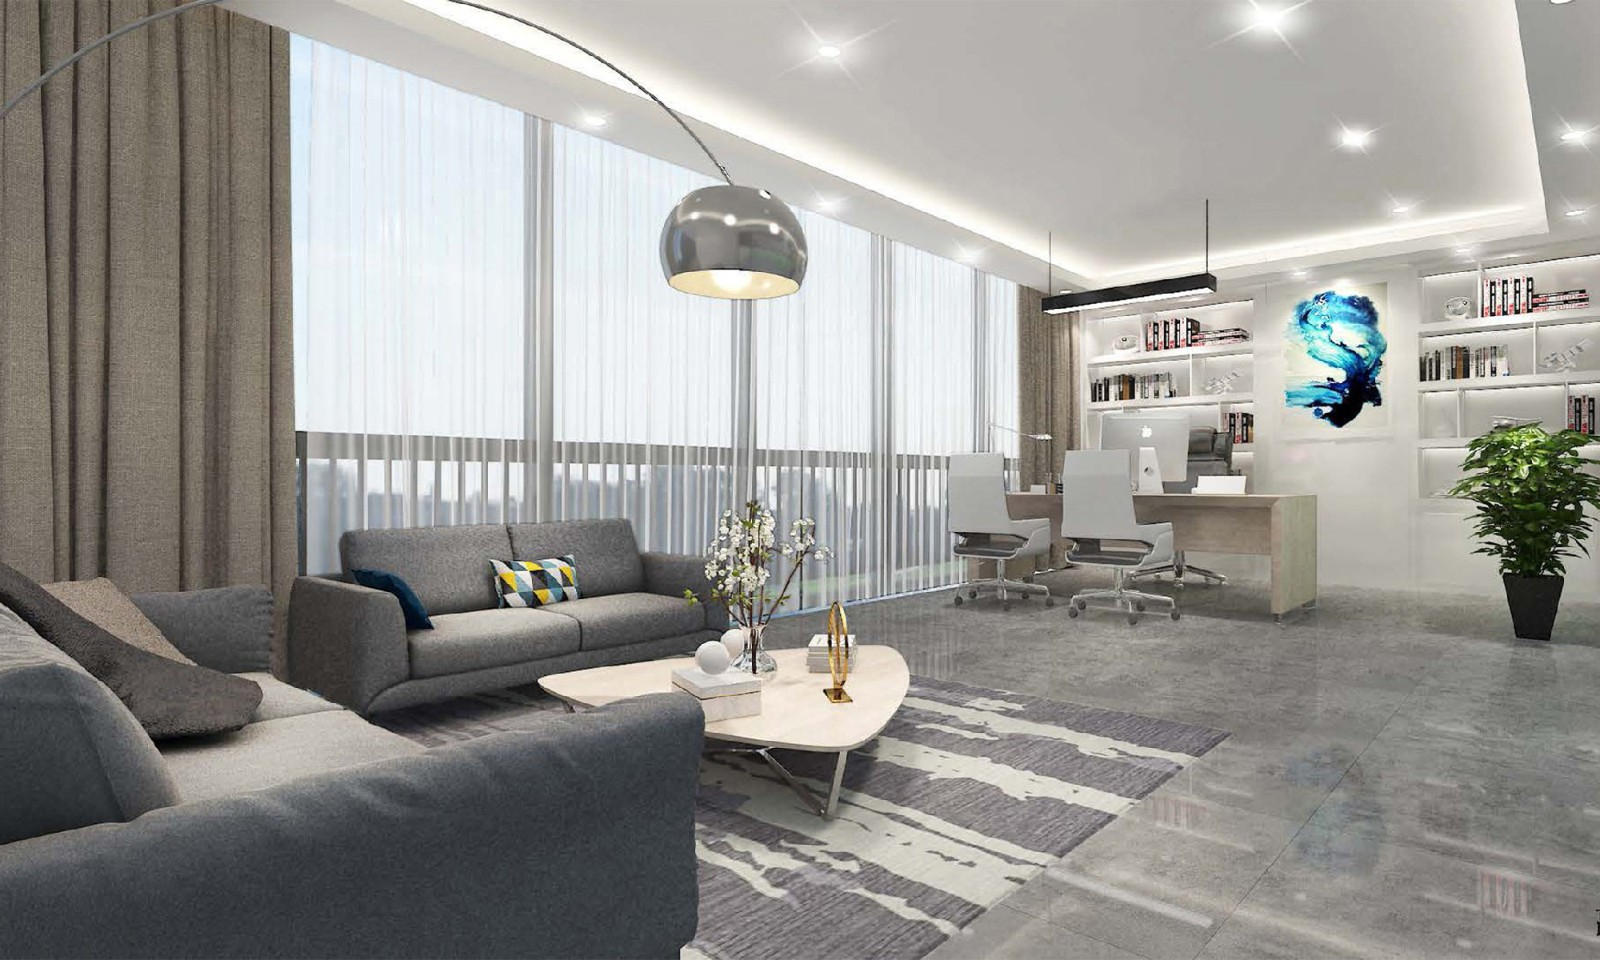 精装房样板房_样板房装修公司相关-深圳市唯创装饰设计工程有限公司